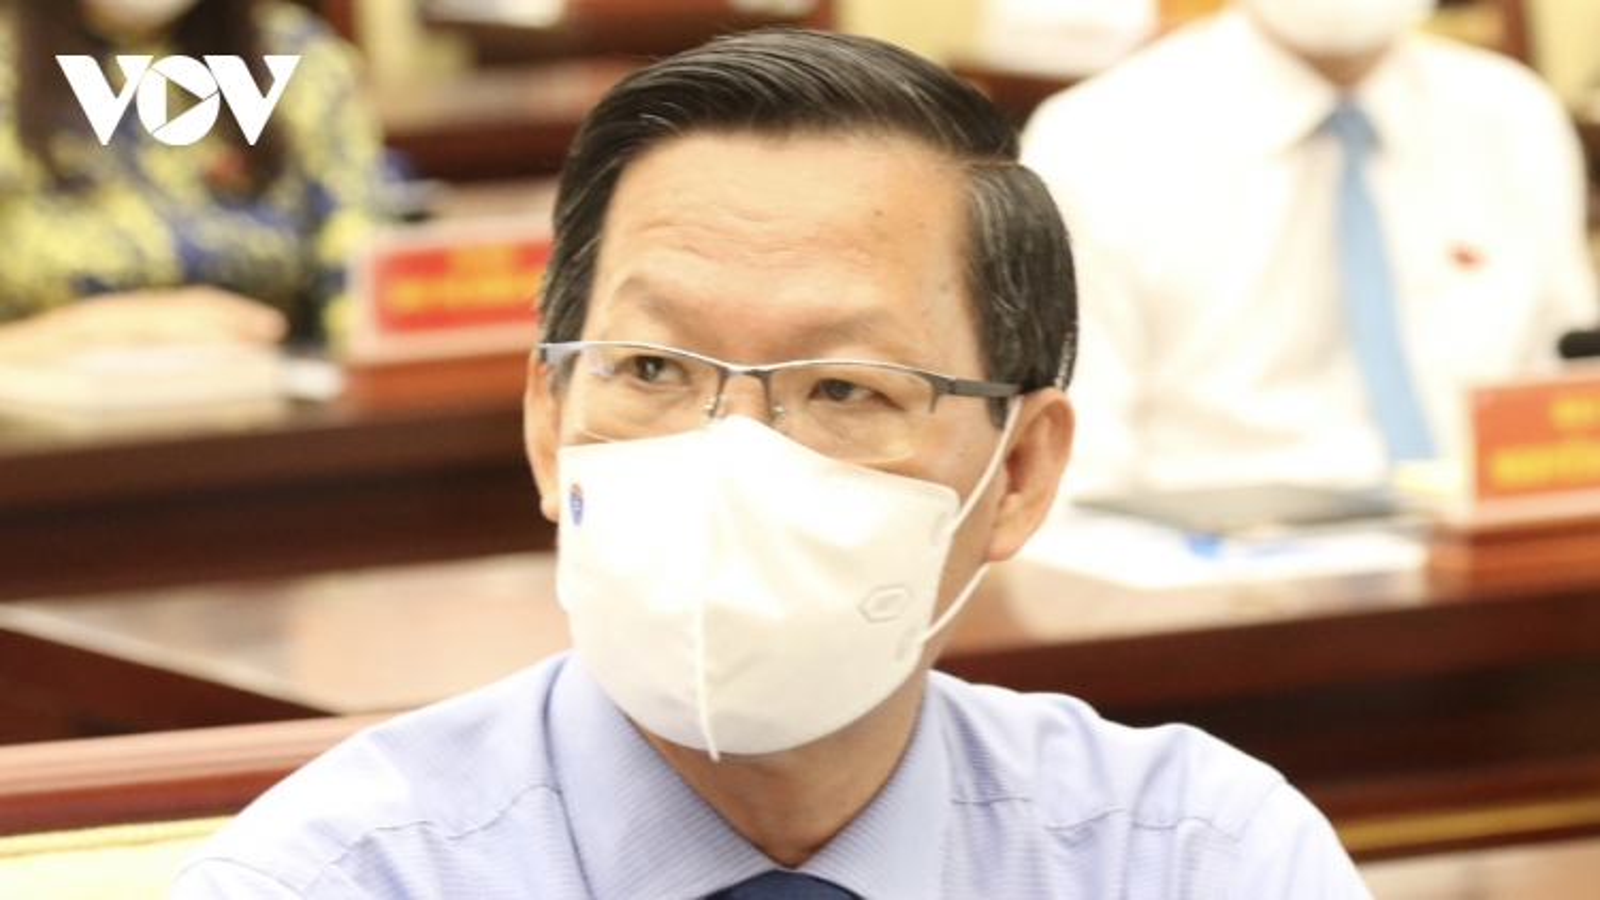 Ông Phan Văn Mãi được bầu làm Chủ tịch UBND TP.HCM nhiệm kỳ 2021 - 2026